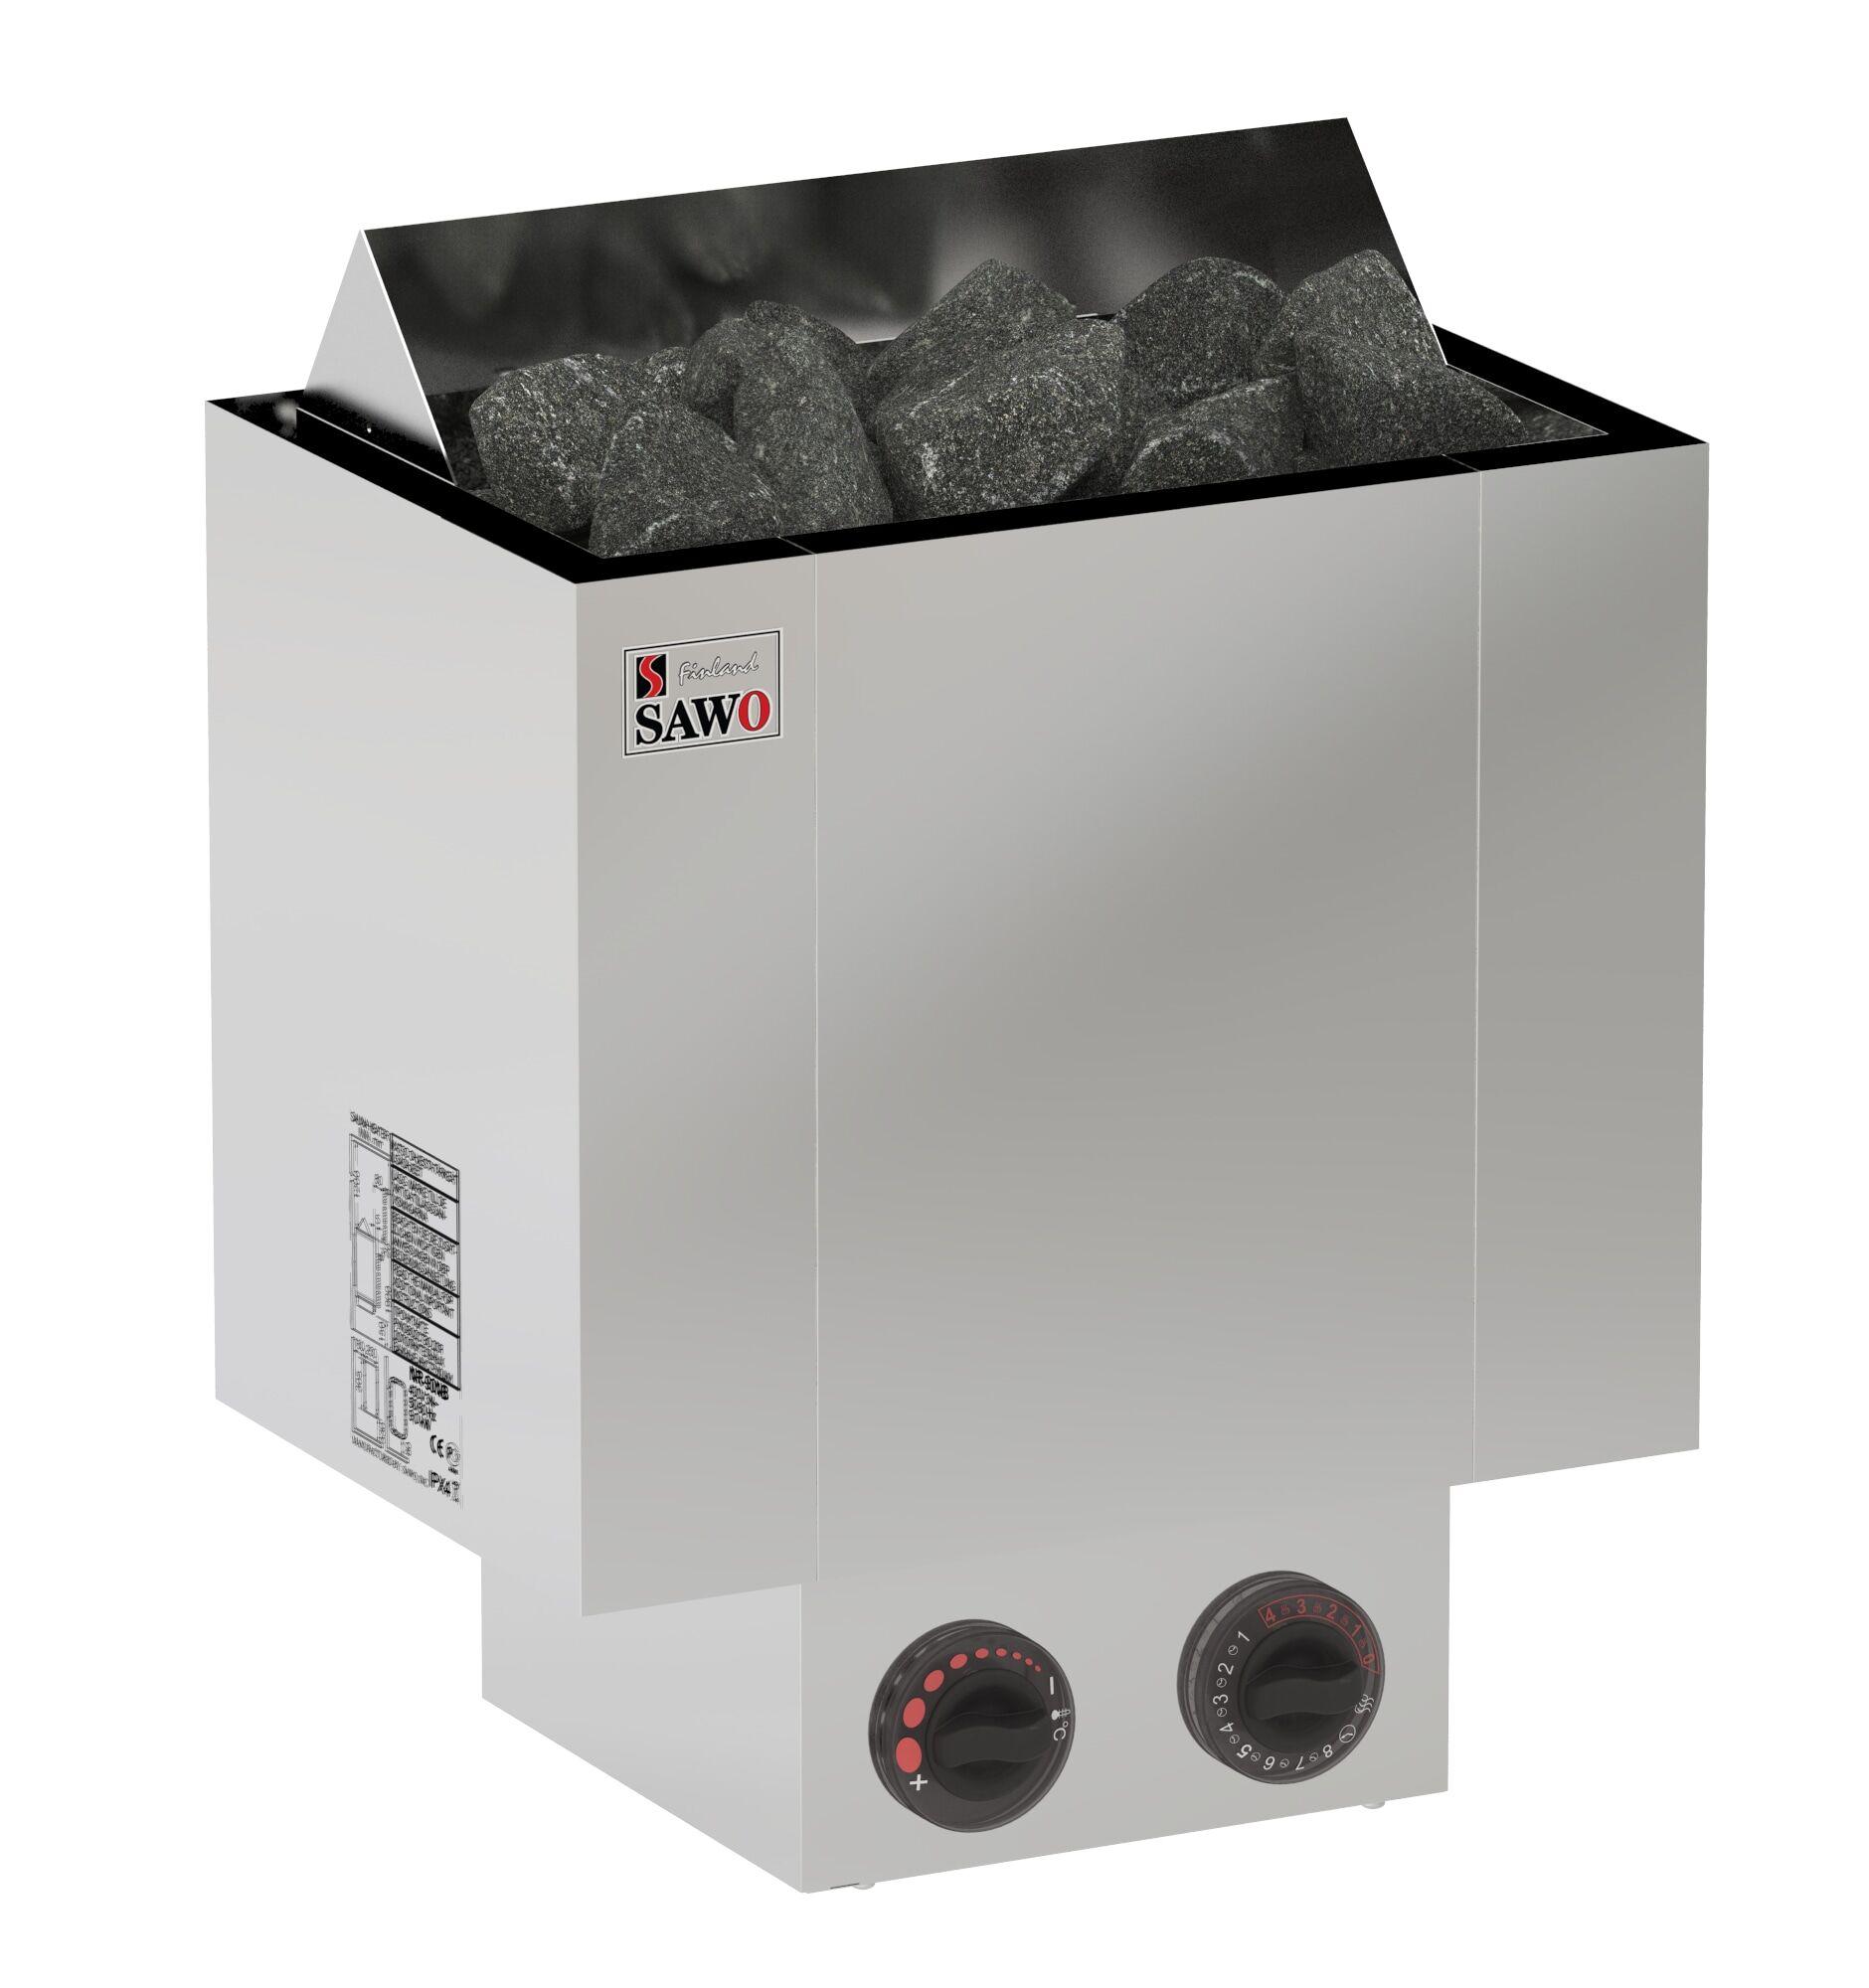 Sawo Nordex NB 6 kW sähkökiuas